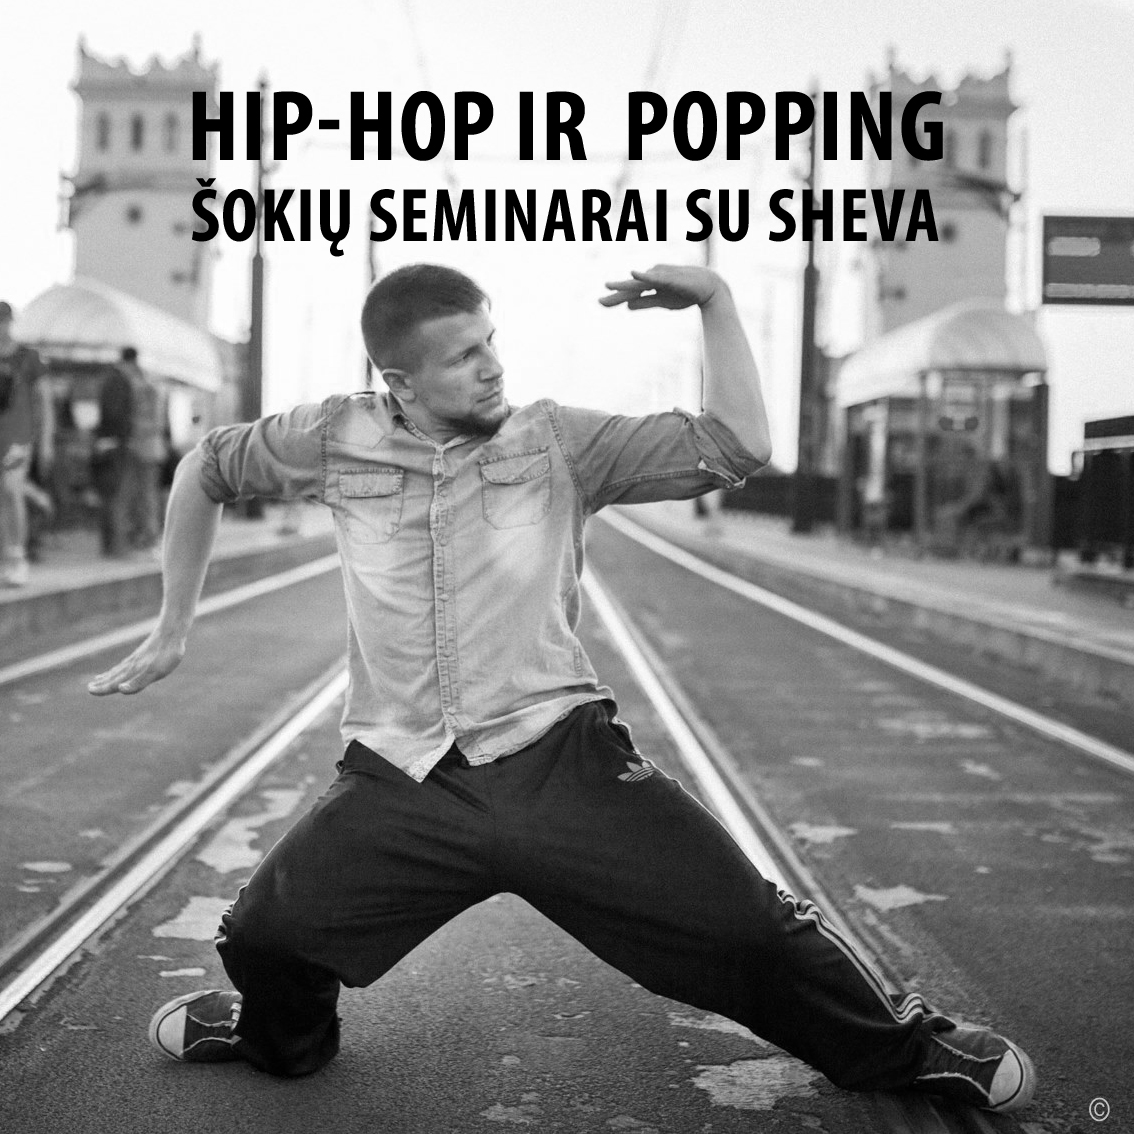 Sheva Popping